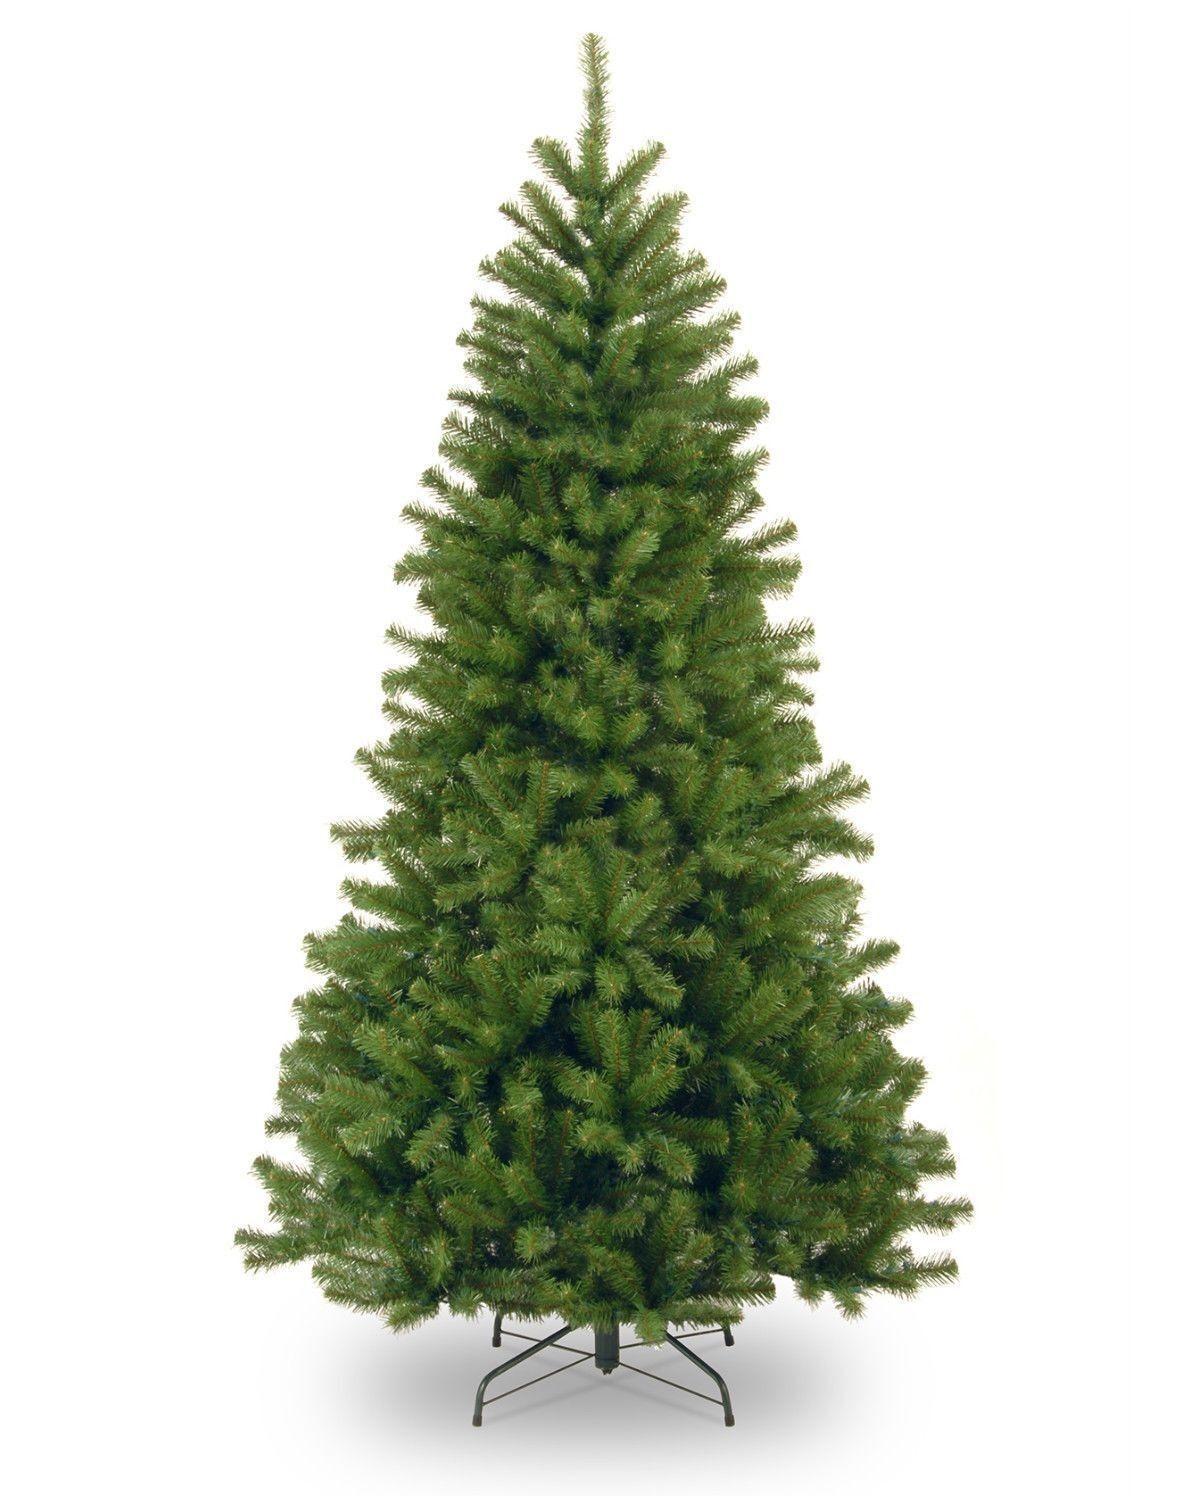 verde Navidad Árbol de Navidad artificial de Colorado de Lujo con Soporte de Metal 6ft, 7ft